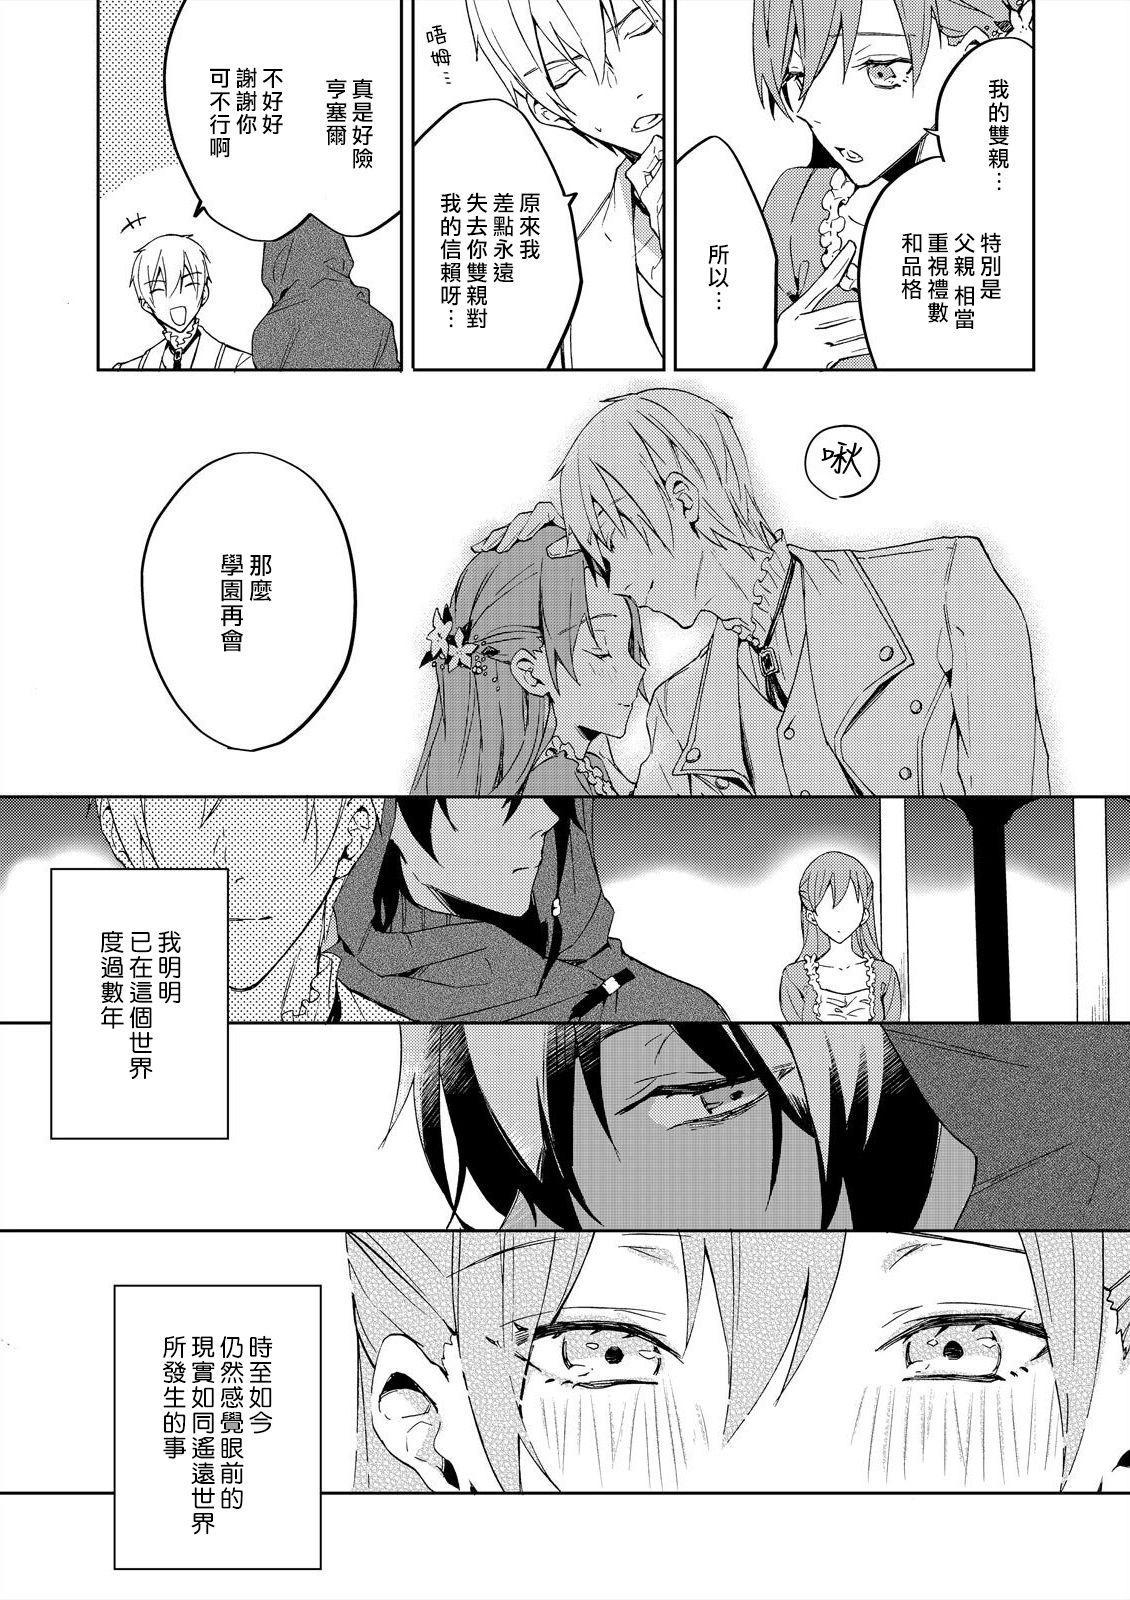 [Yuzushiwo] Akuyaku Reijou wa Ichizu ni Dekiai sarete ~Noumitsu Sex no Aite wa Juuboku~ | 被疯狂溺爱的反派大小姐~浓密性爱对象是仆从~ 1-5 [Chinese] [莉赛特汉化组] 4